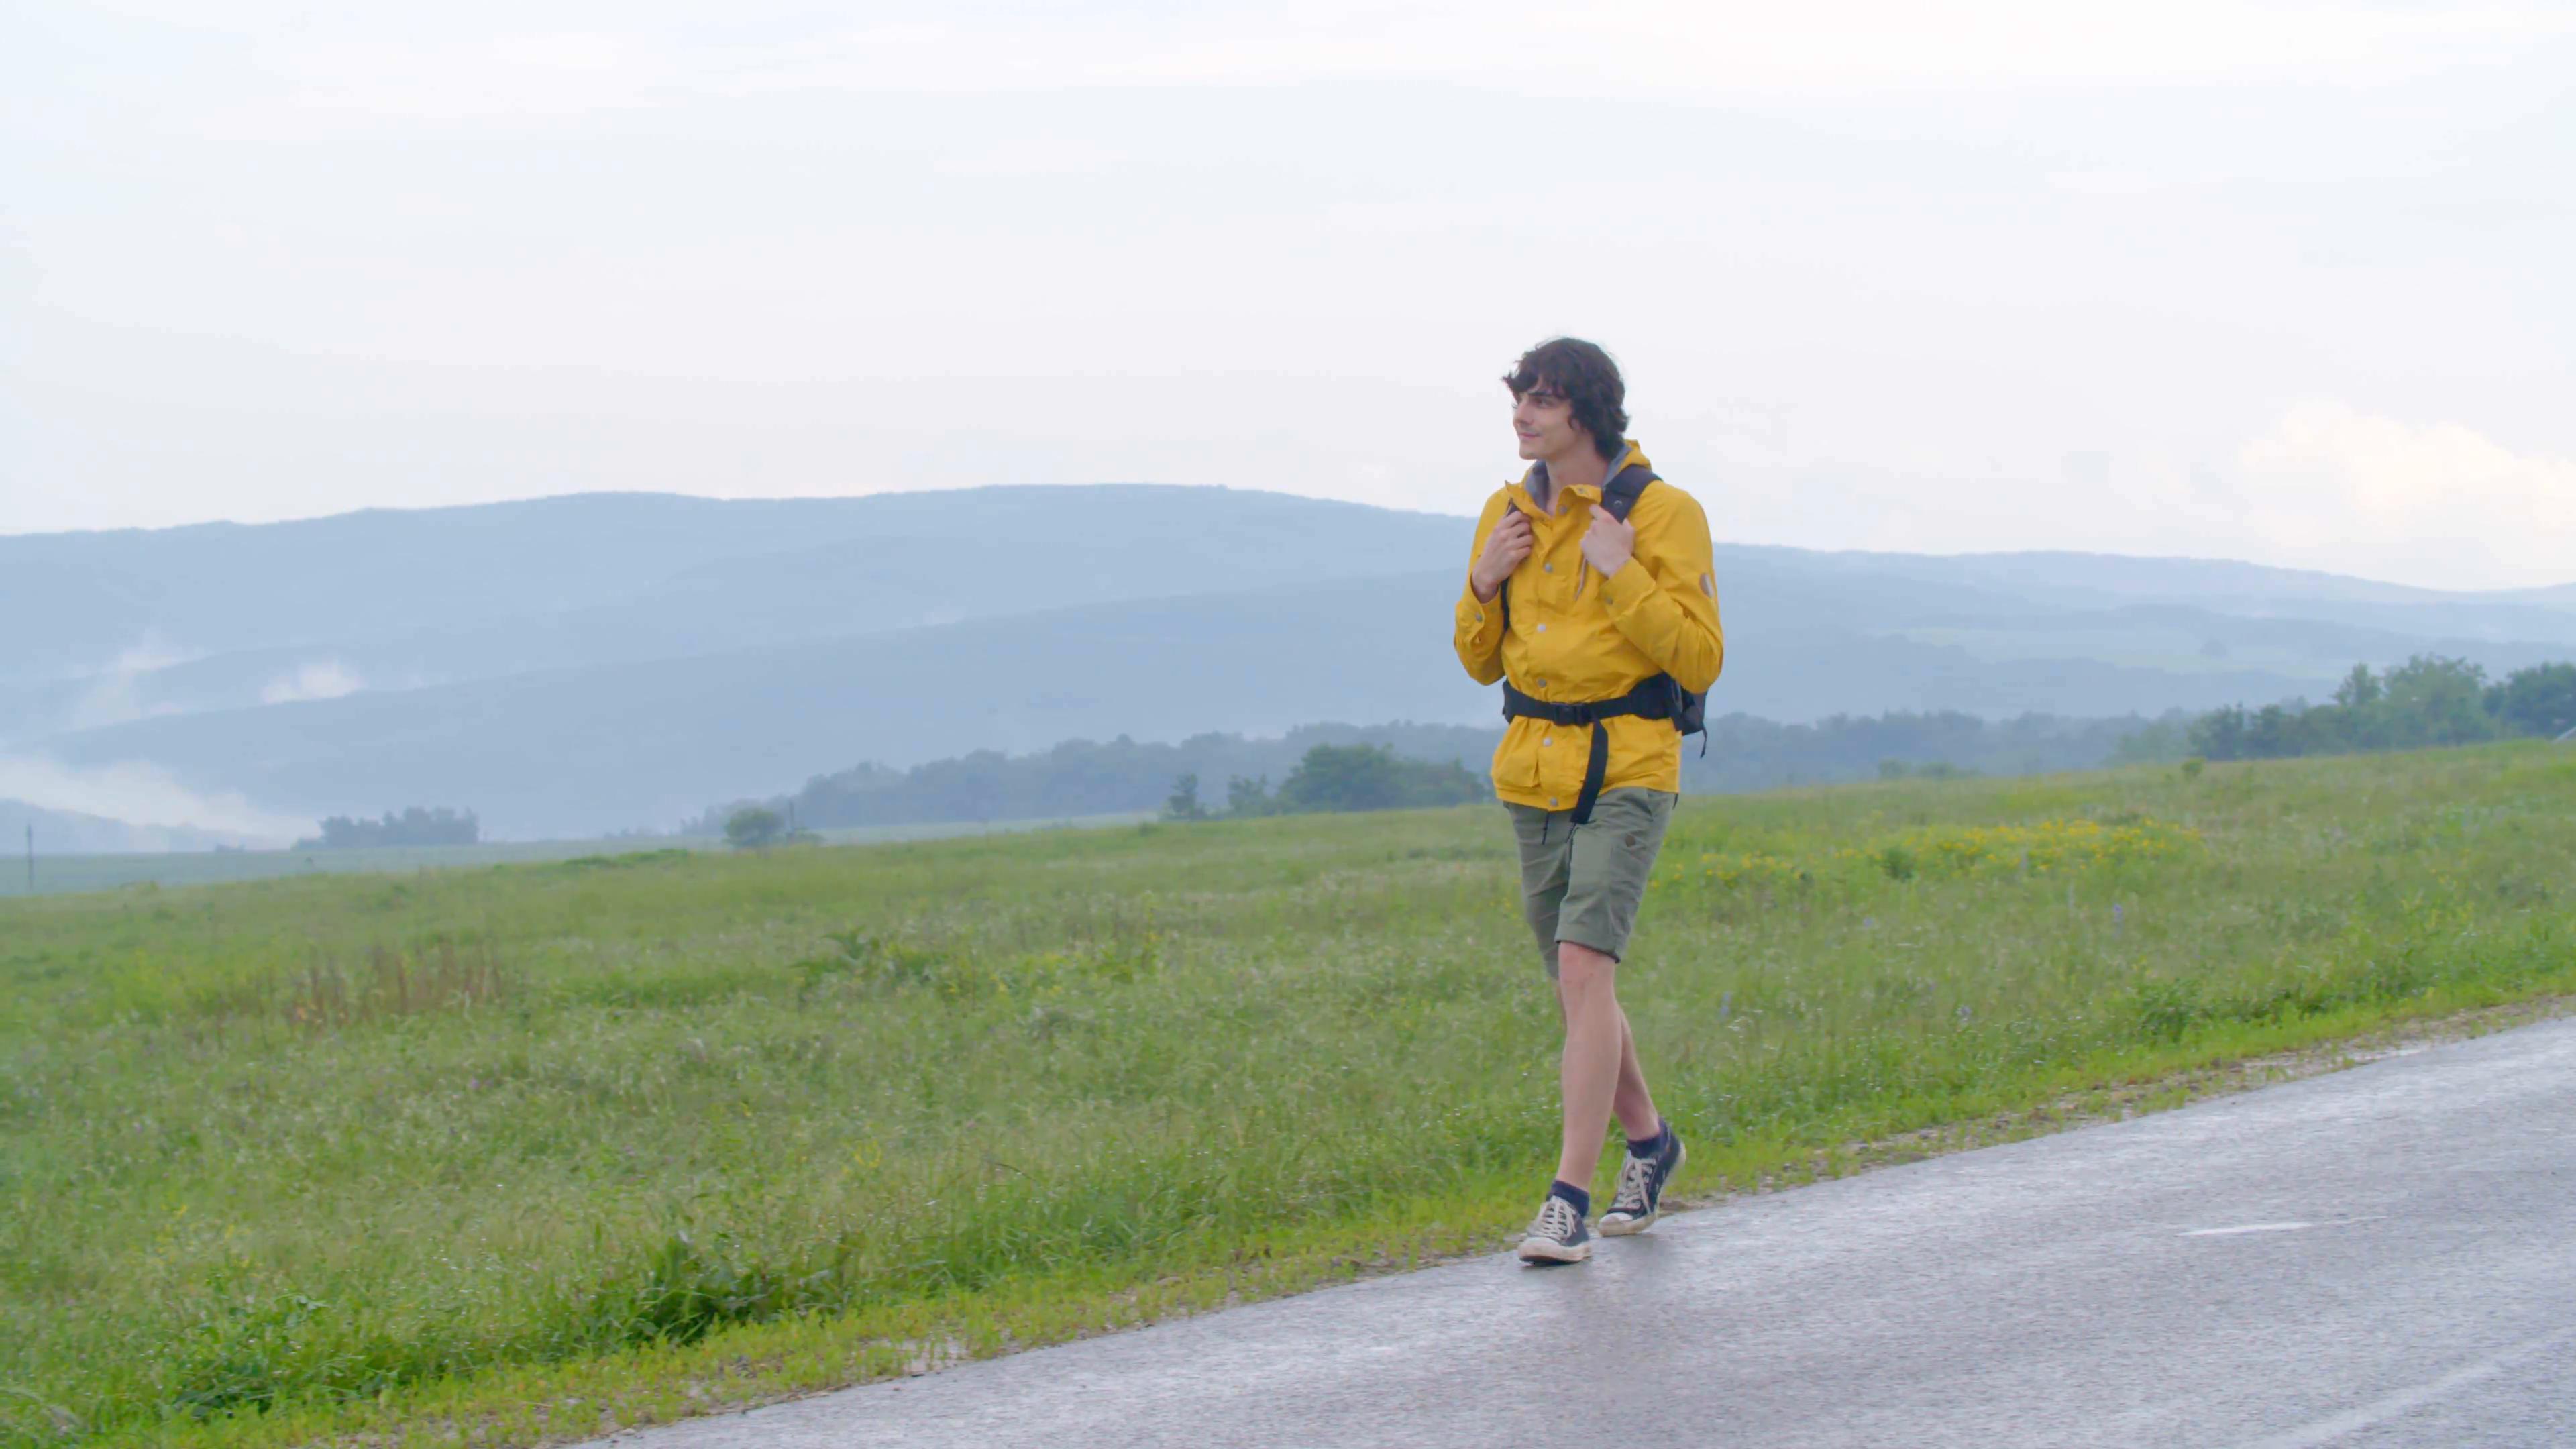 Опасности автостопа: что стоит знать туристу